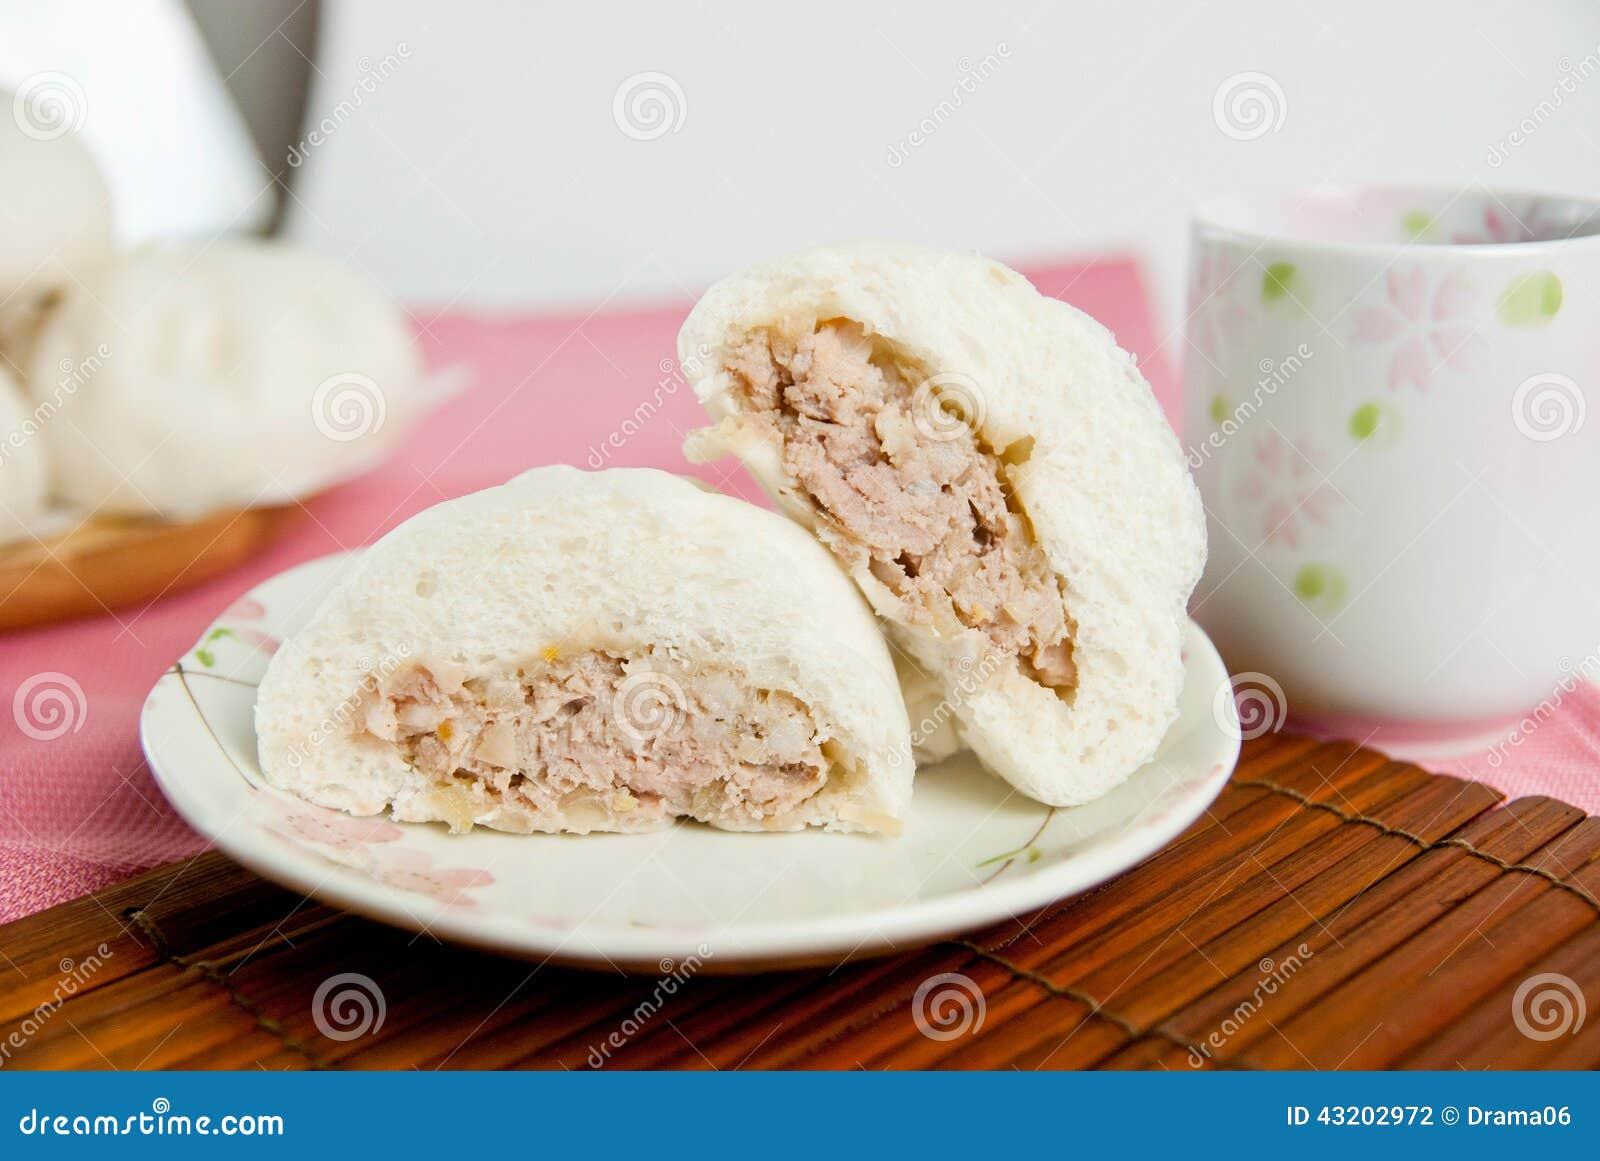 Download Ångade Grisköttbullar, Kinesisk Dim Sum Arkivfoto - Bild av matställe, påfyllningar: 43202972